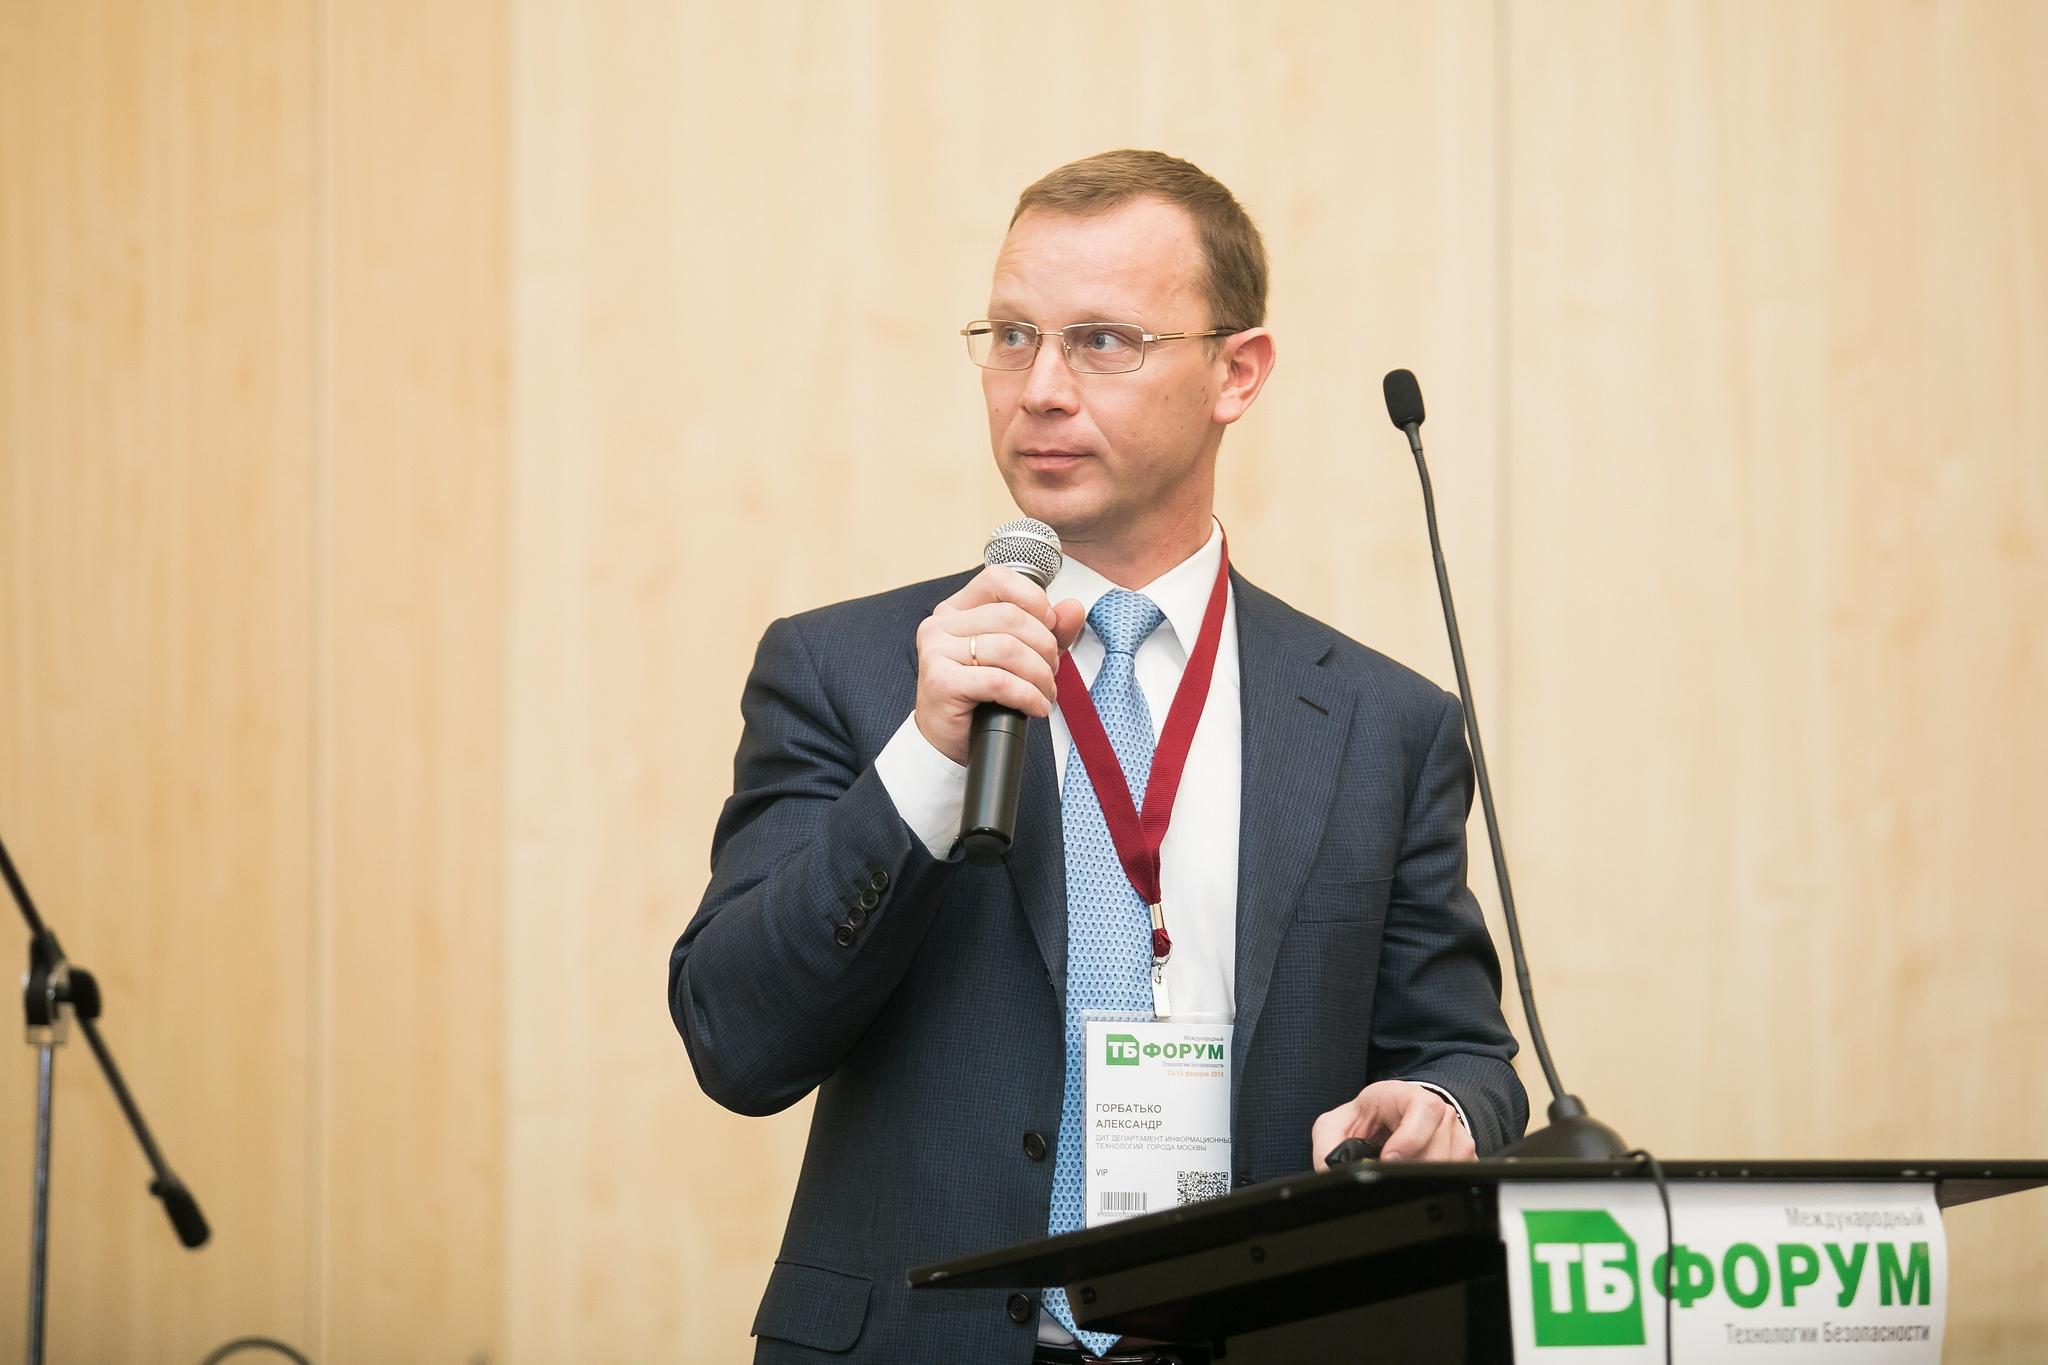 Москва инвестирует более 17 млрд рублей в видеонаблюдение и передачу видеоданных